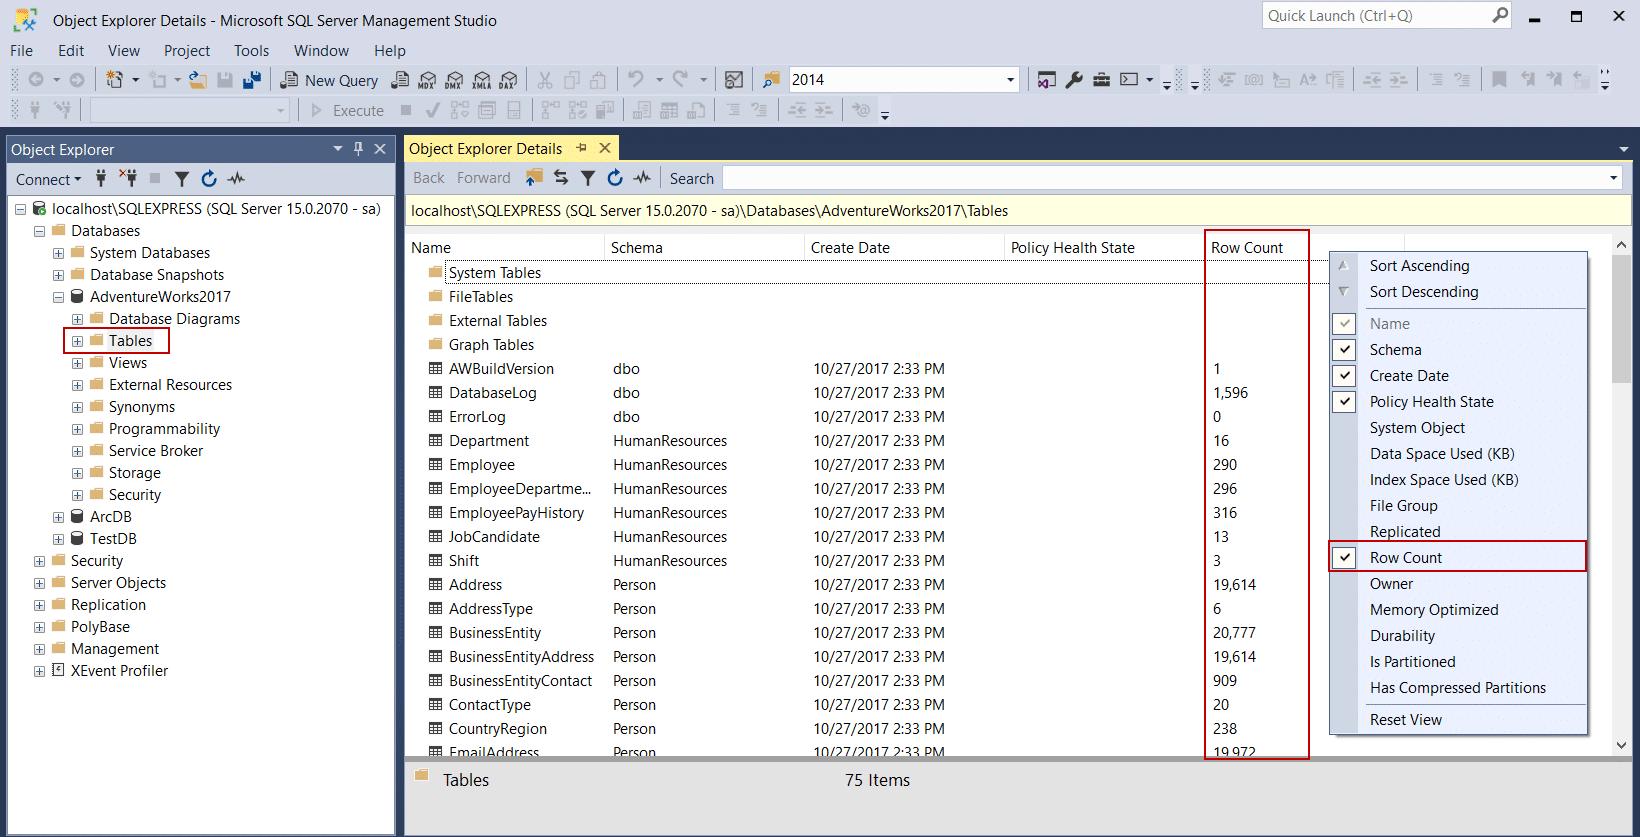 جزئیات جداول در object explorer